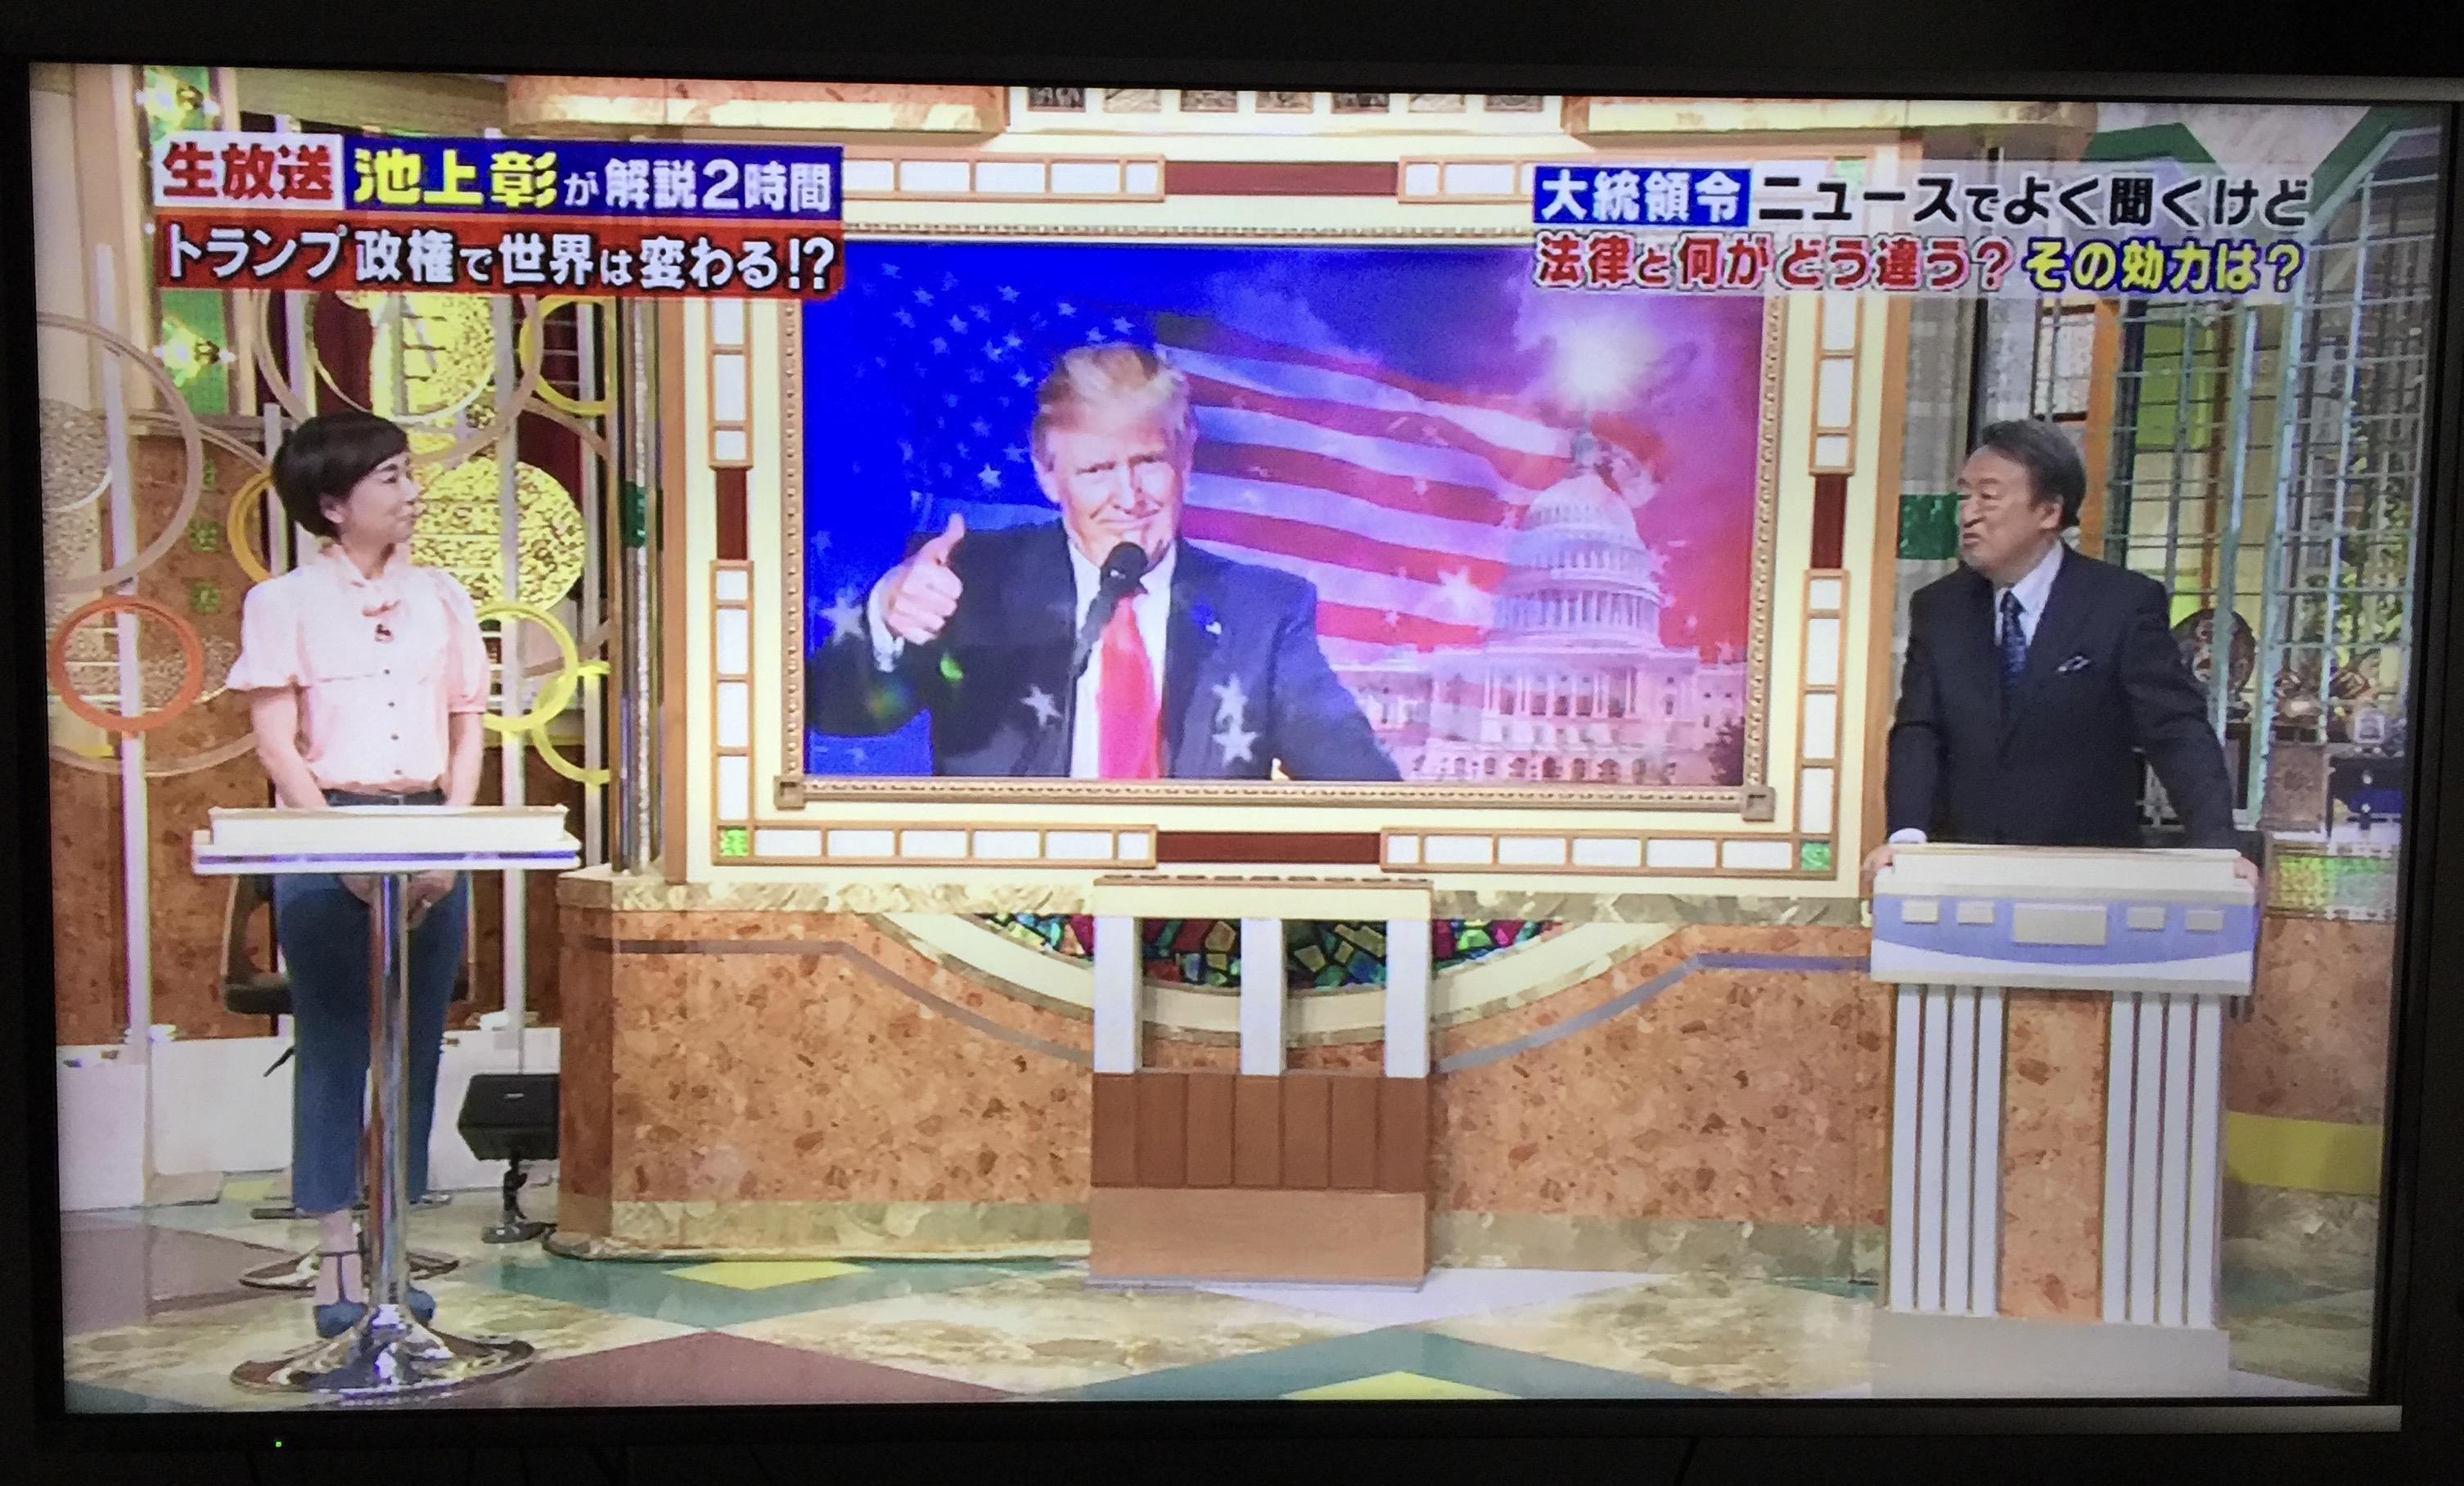 El programa de Ikegami Akira en la TV japonesa